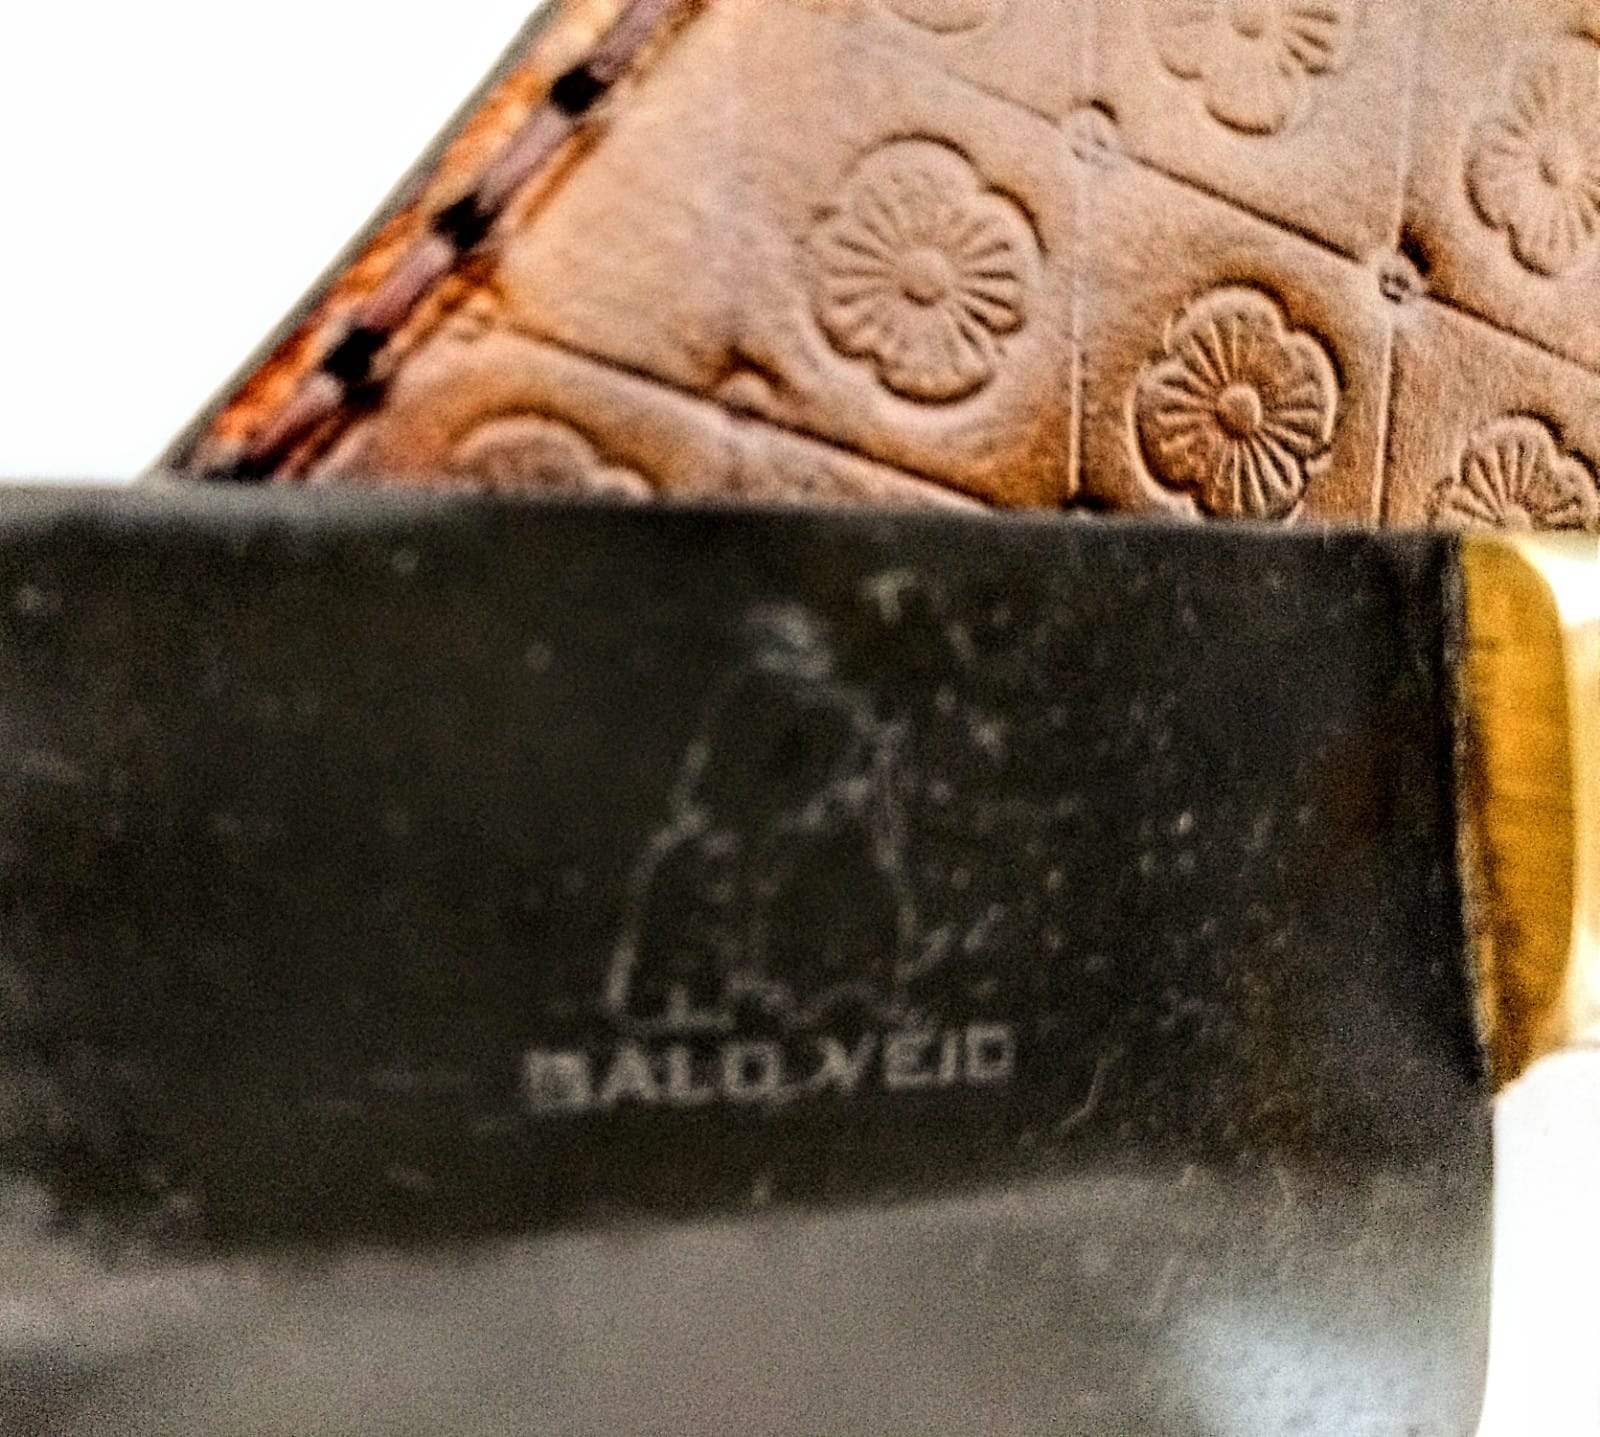 Faca campeira artesanal negra galo veio aço carbono 11 polegadas